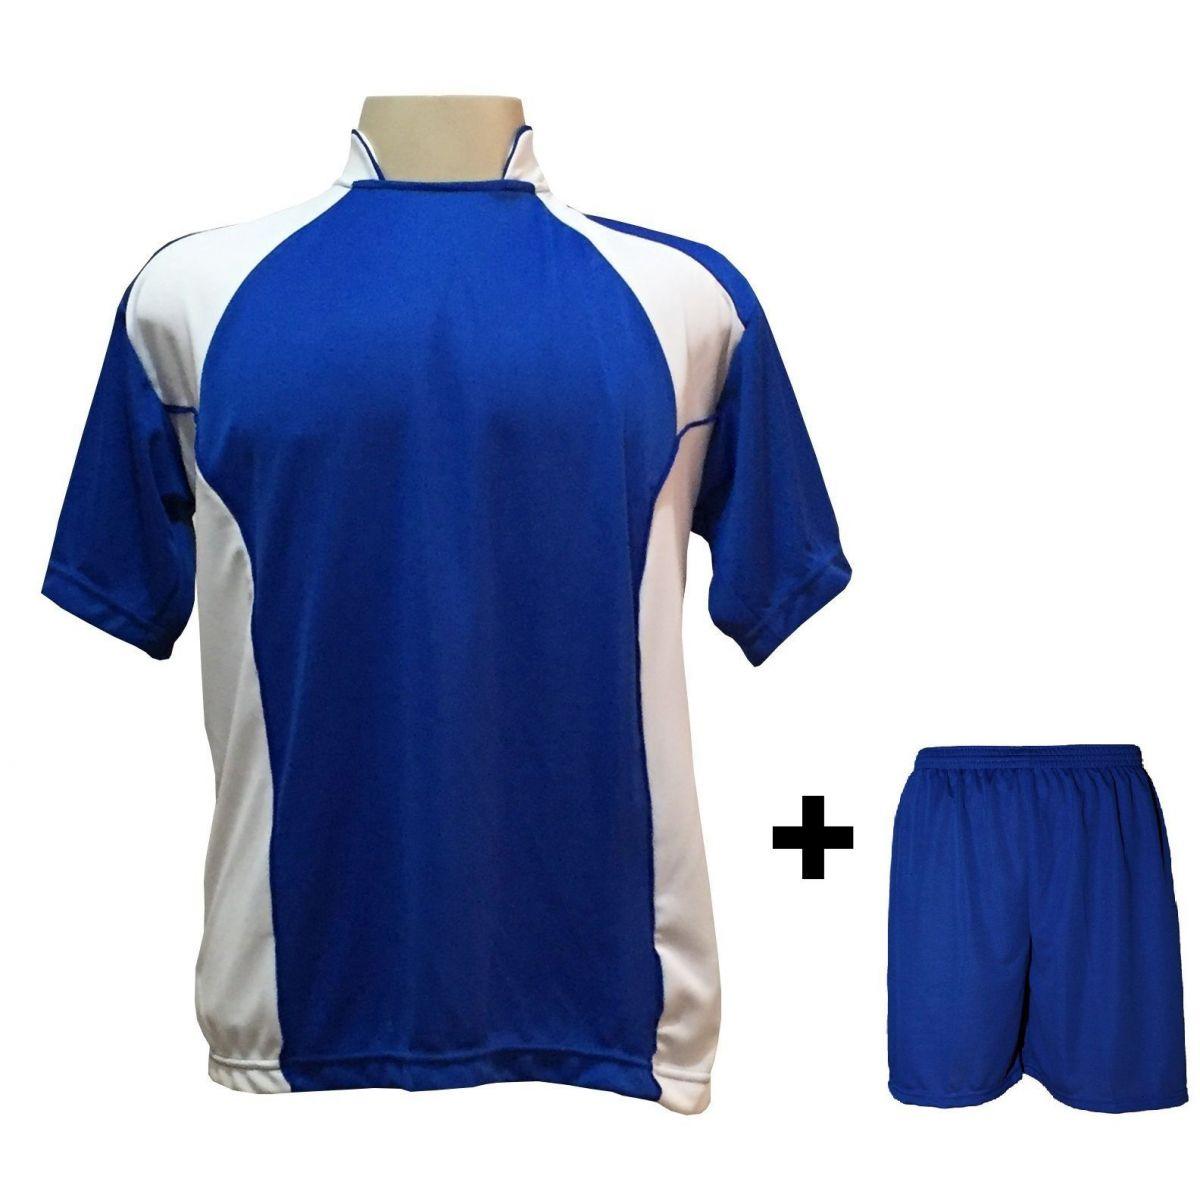 Uniforme Esportivo com 14 Camisas modelo Suécia Royal/Branco + 14 Calções modelo Madrid Royal